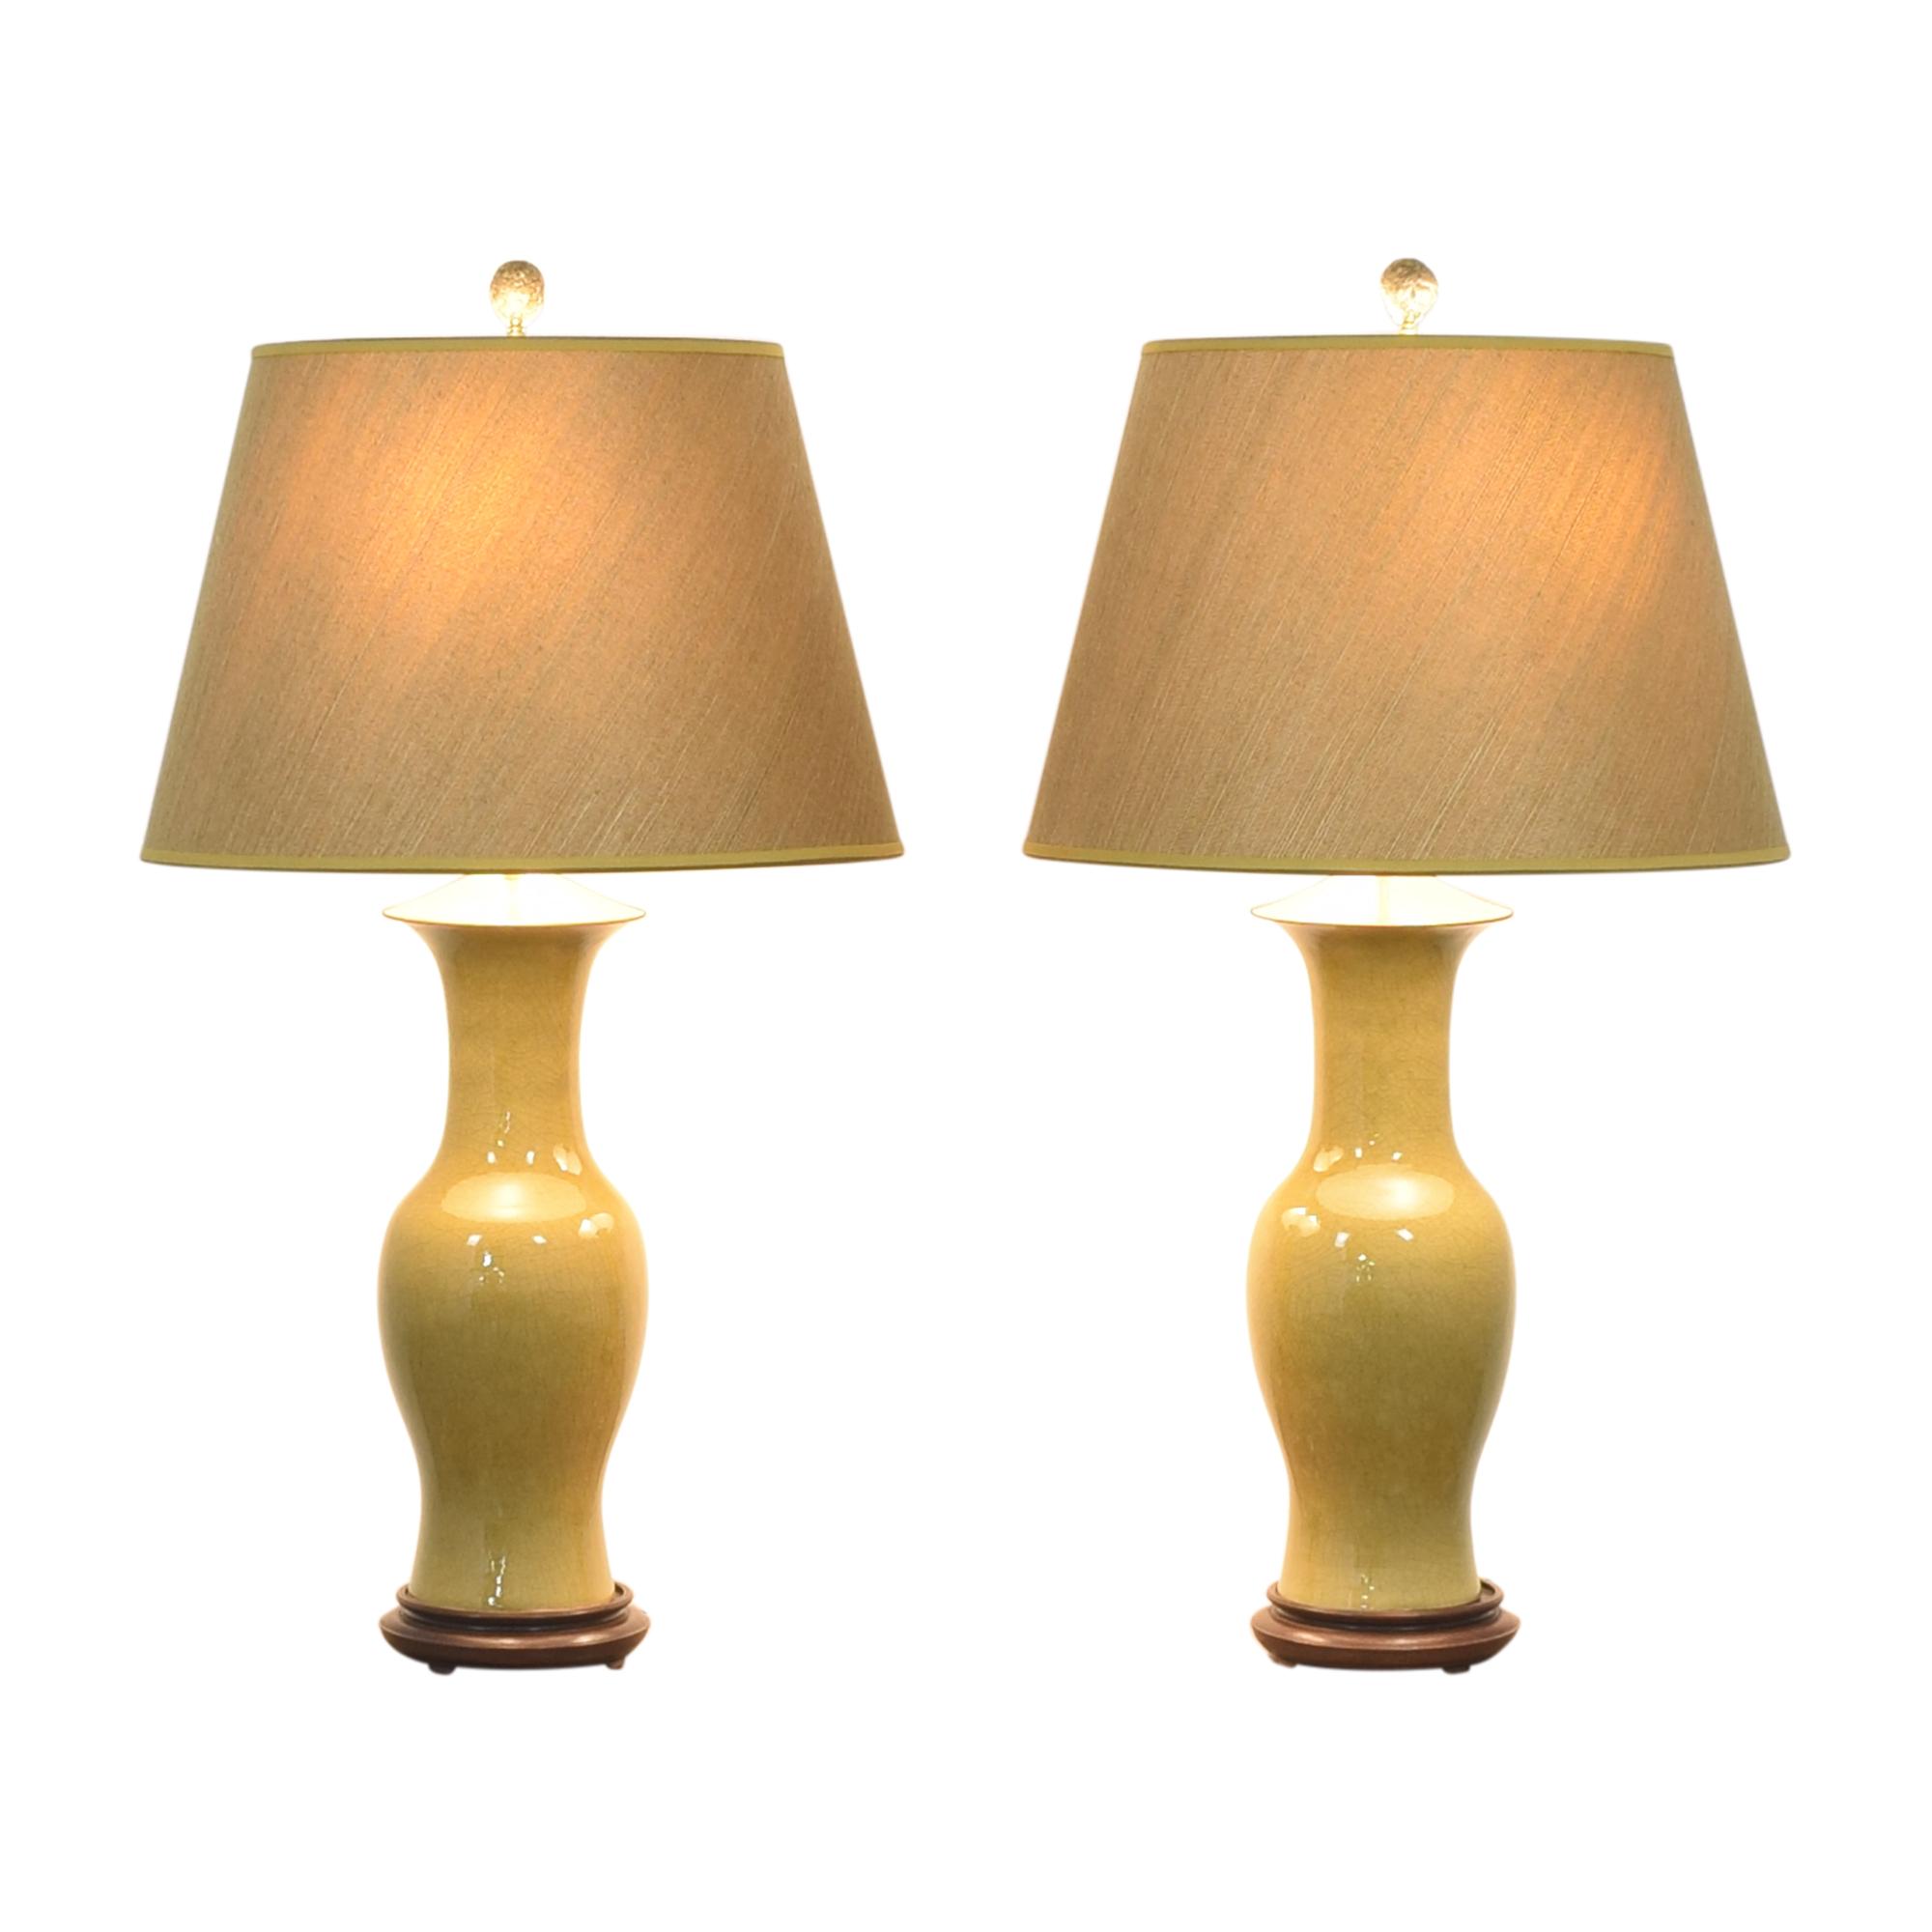 Warren Kessler Warren Kessler Urn Table Lamps coupon